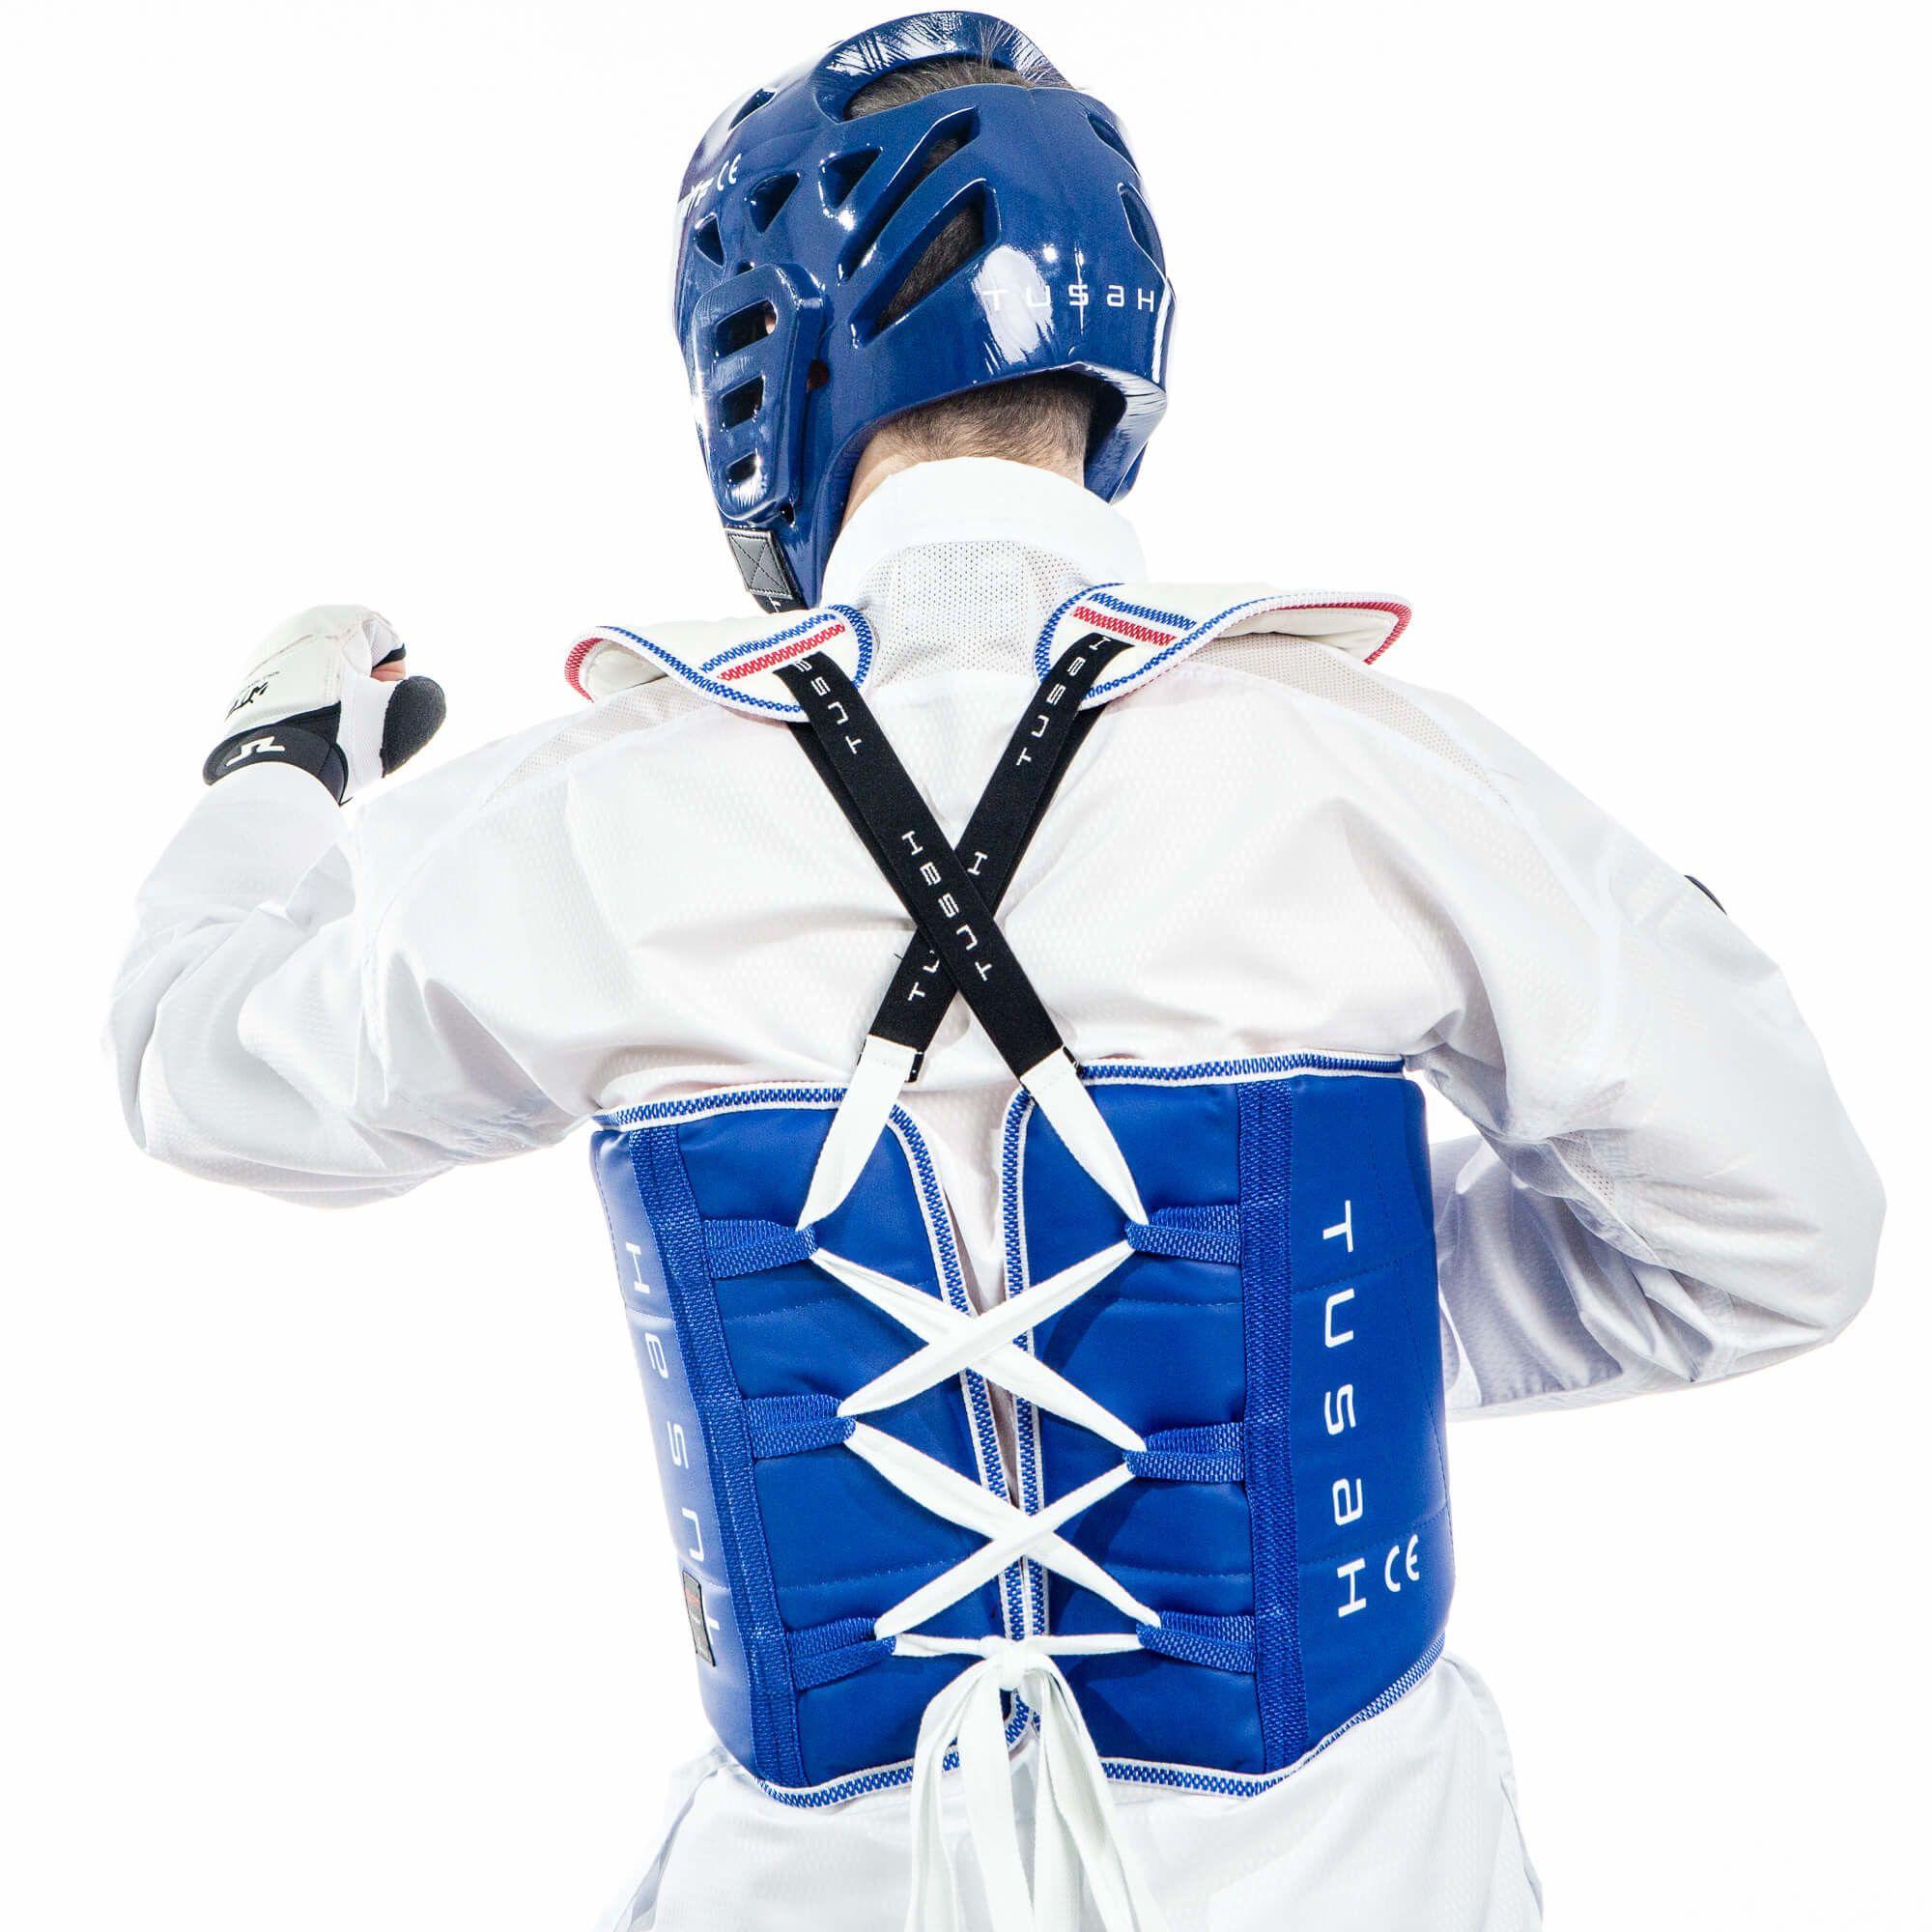 Caschetto Omologato WT WTF Tusah per Taekwondo adatto a competizioni ed allenamenti